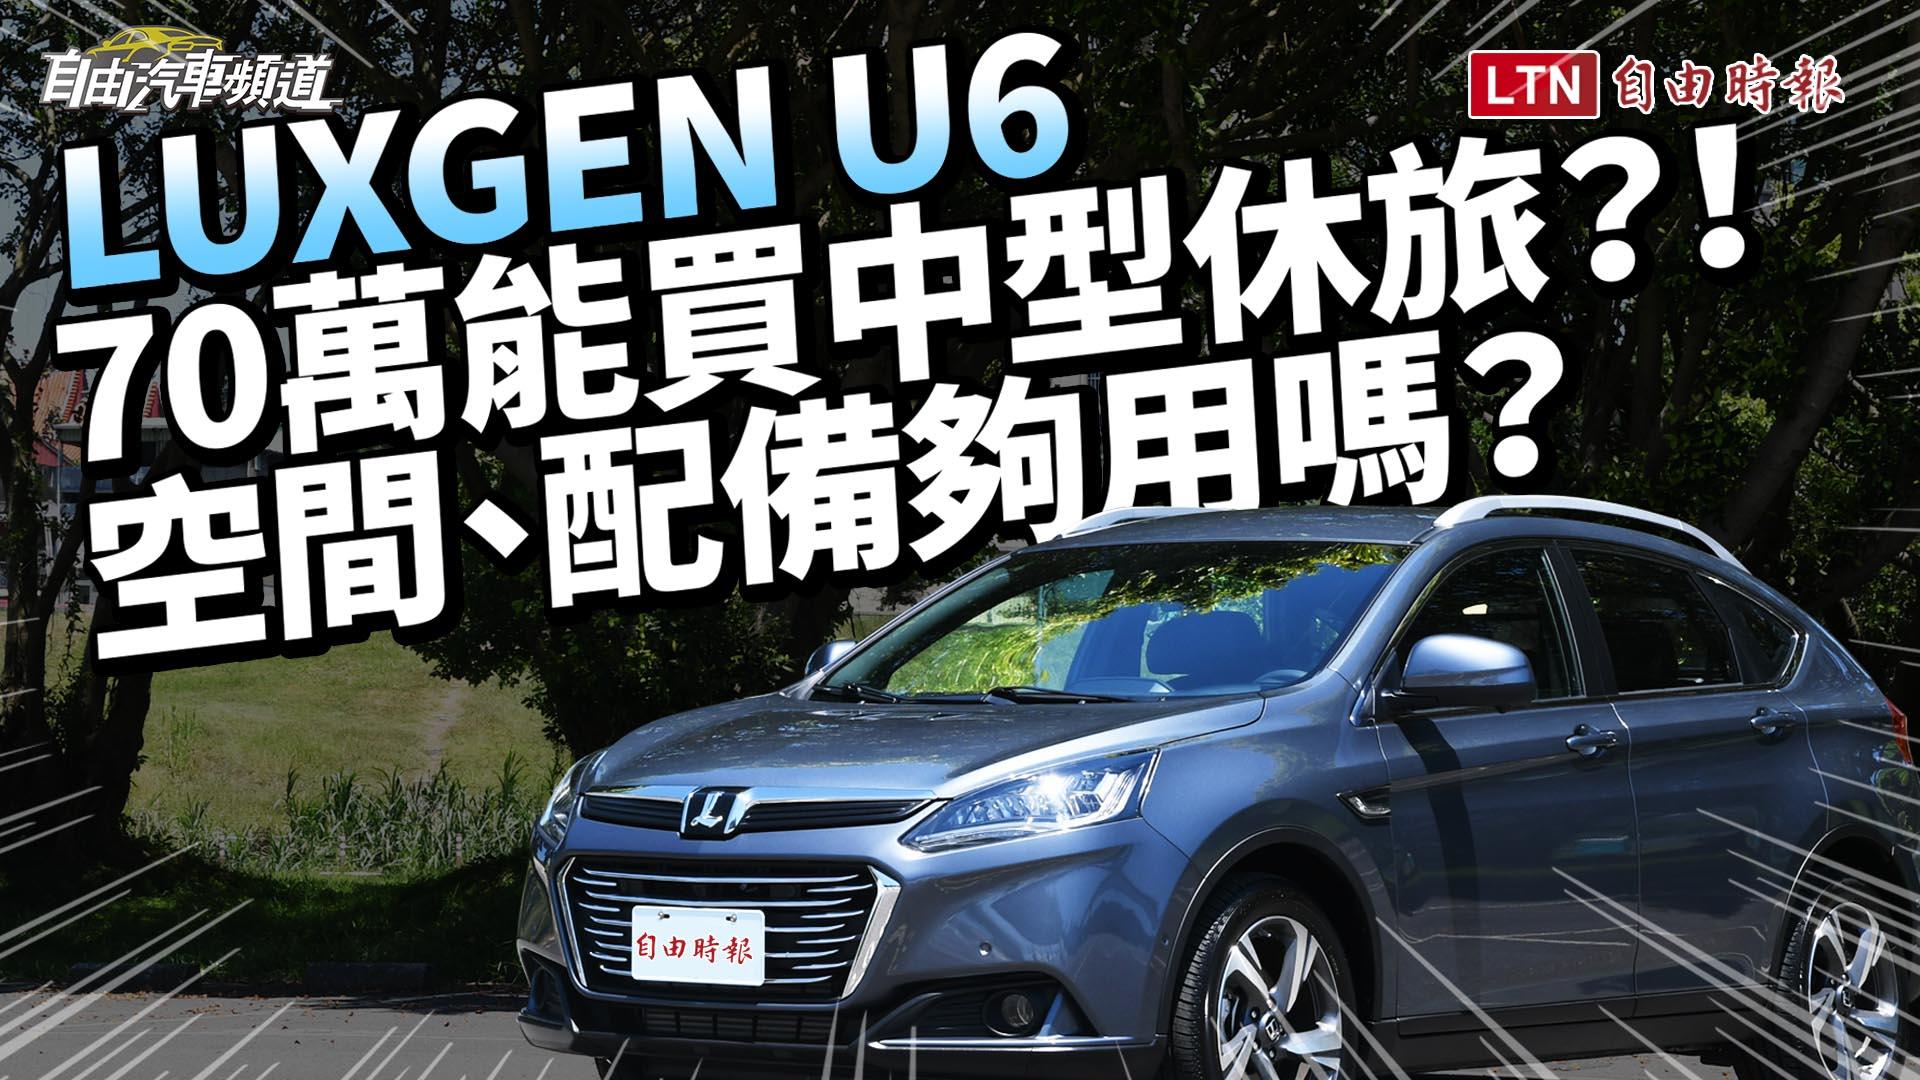 〈影音〉鎖定 70 萬休旅戰場,Luxgen U6 再推新車拚人氣!